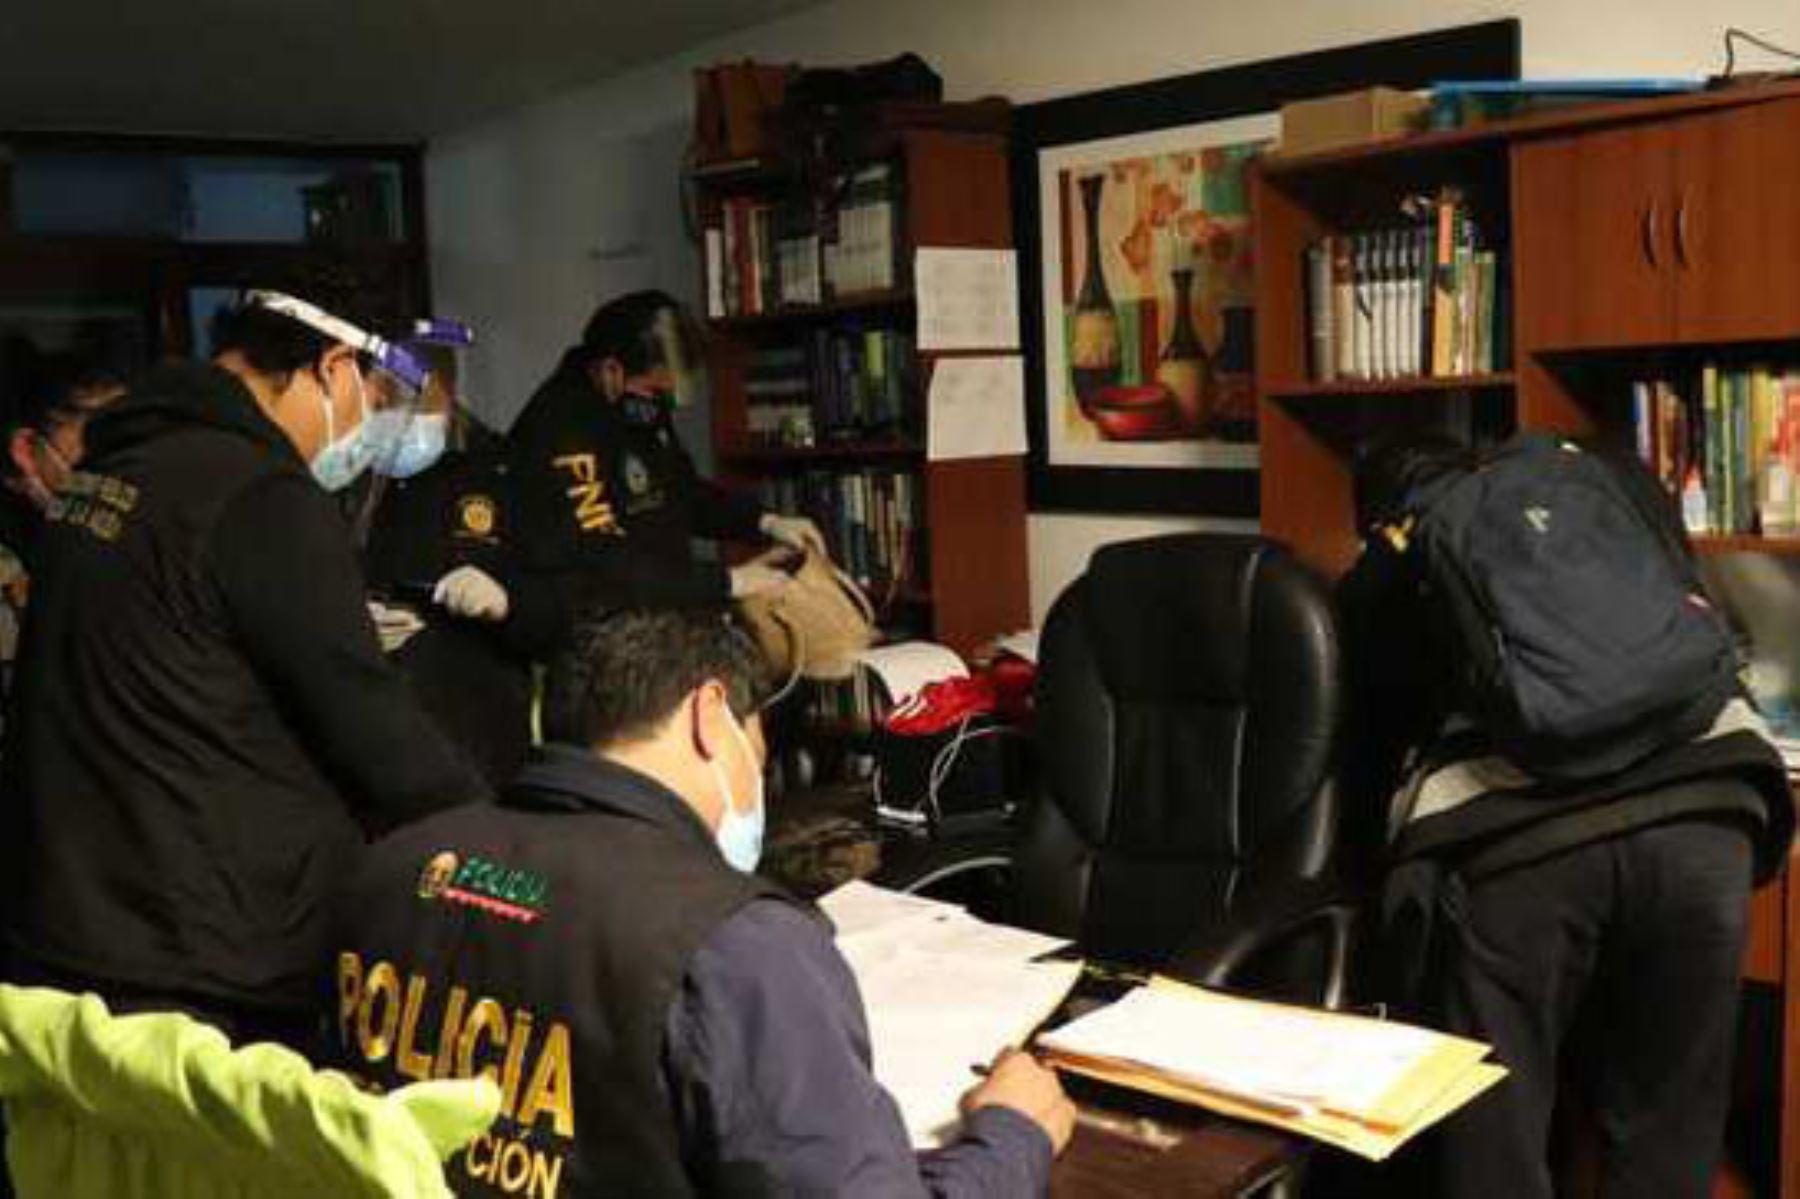 Gracias a denuncia ciudadana, autoridades dirigieron megaoperativo esta madrugada en cuatro distritos. Foto: ANDINA/Difusión